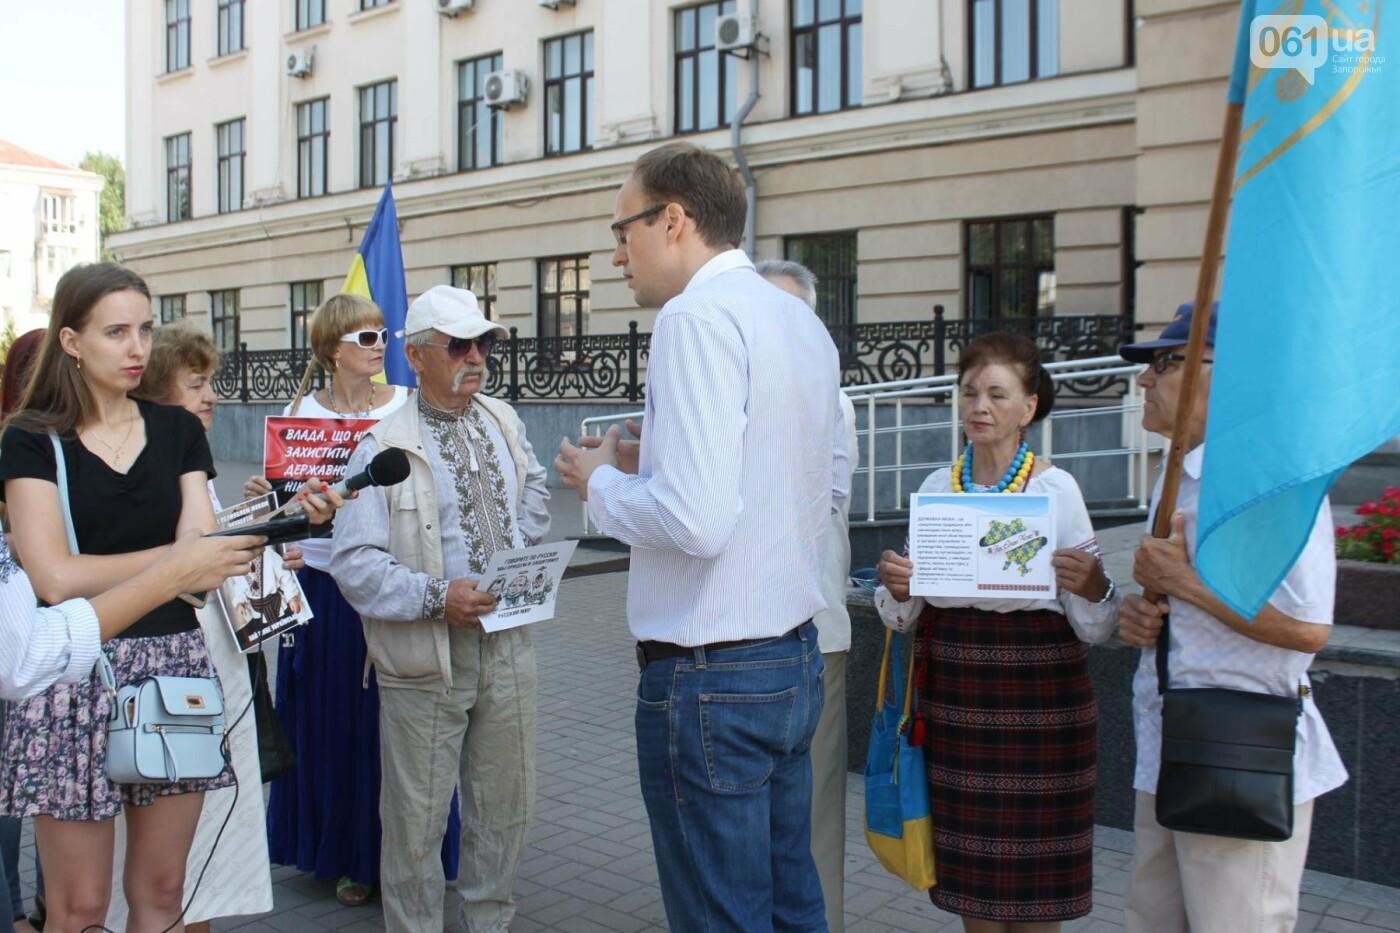 В Запорожье на митинг в защиту украинского языка под мэрию вышли 5 человек, – ФОТОРЕПОРТАЖ, фото-11